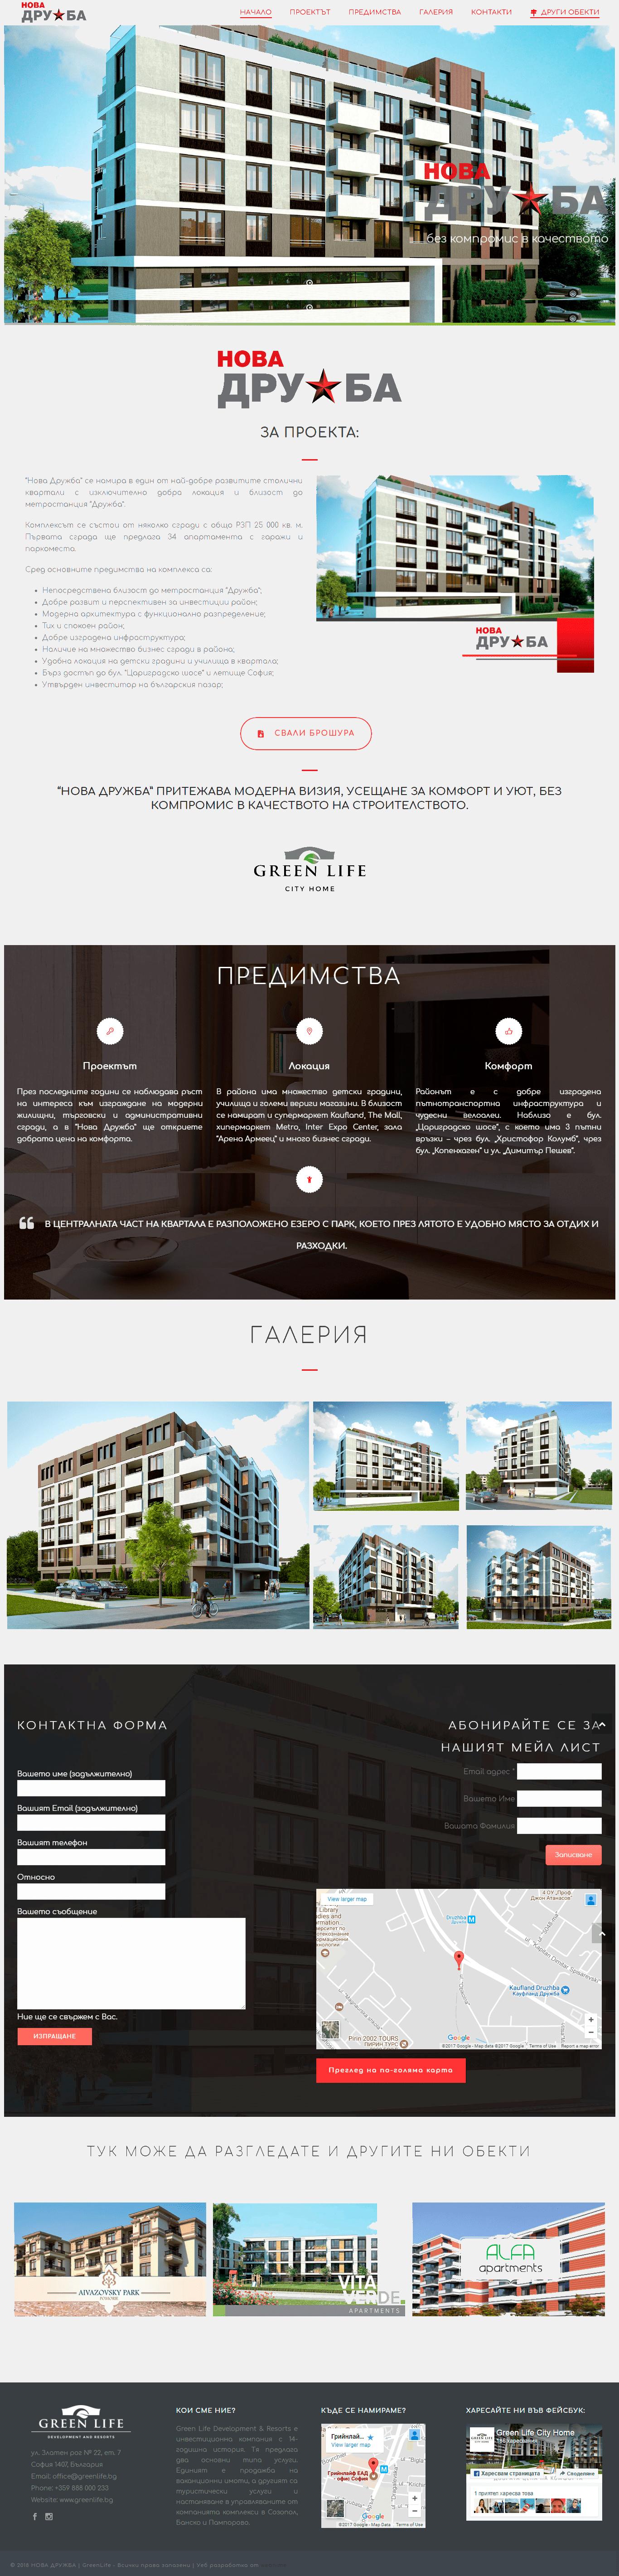 Web sajt za firmu НОВА ДРУЖБА